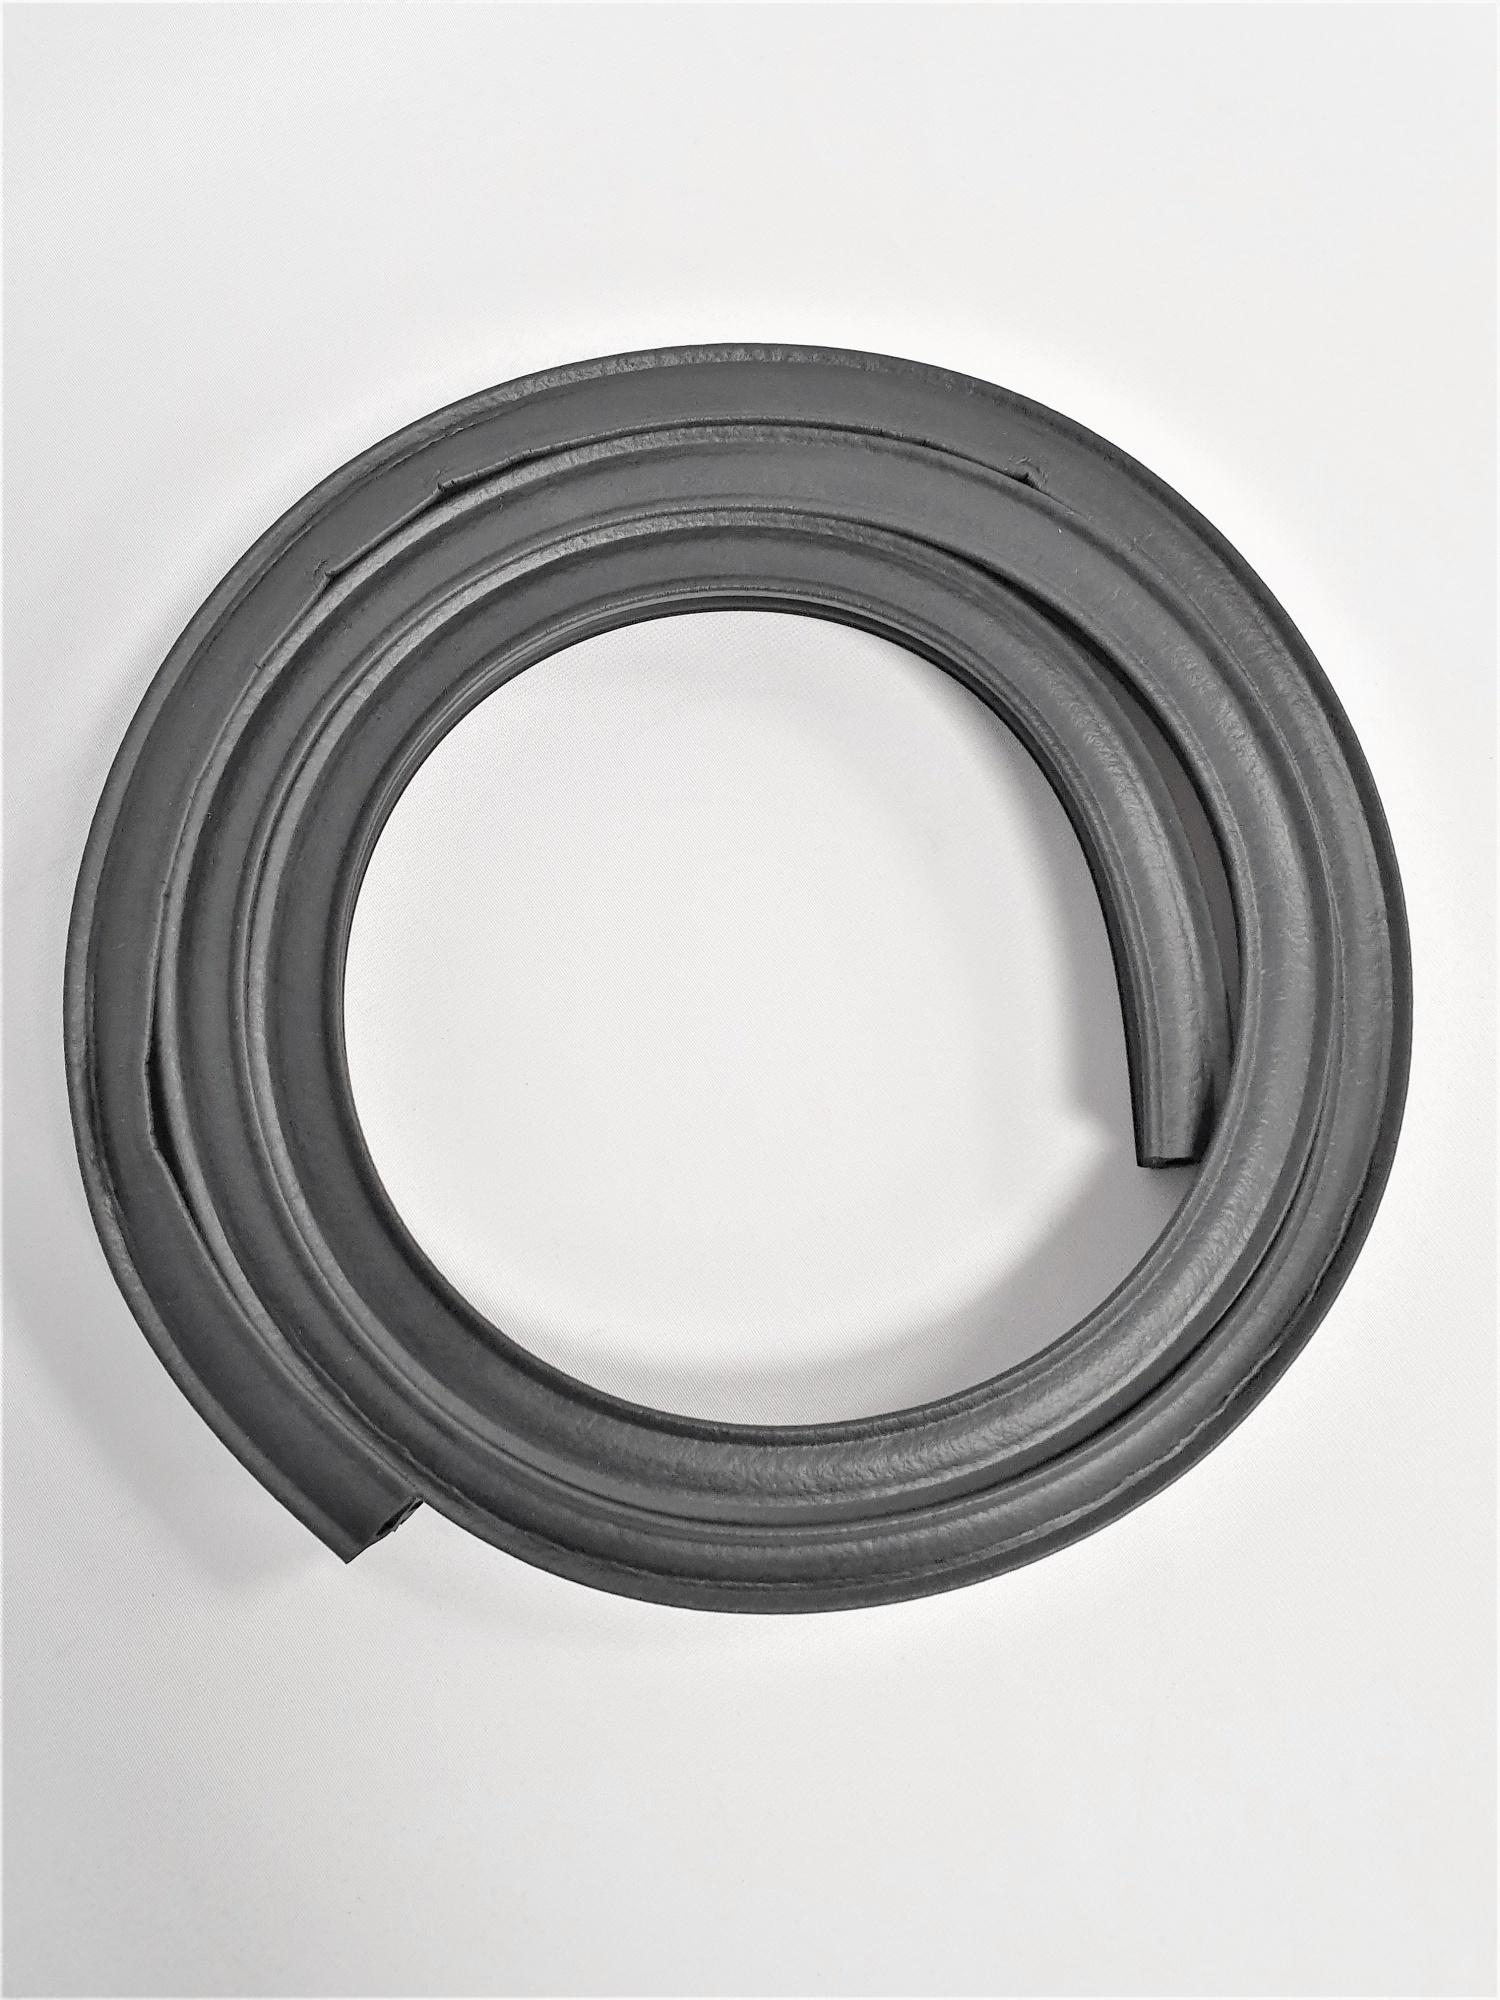 Joint de capot pour Autolaveuse VIPER AS 430 C